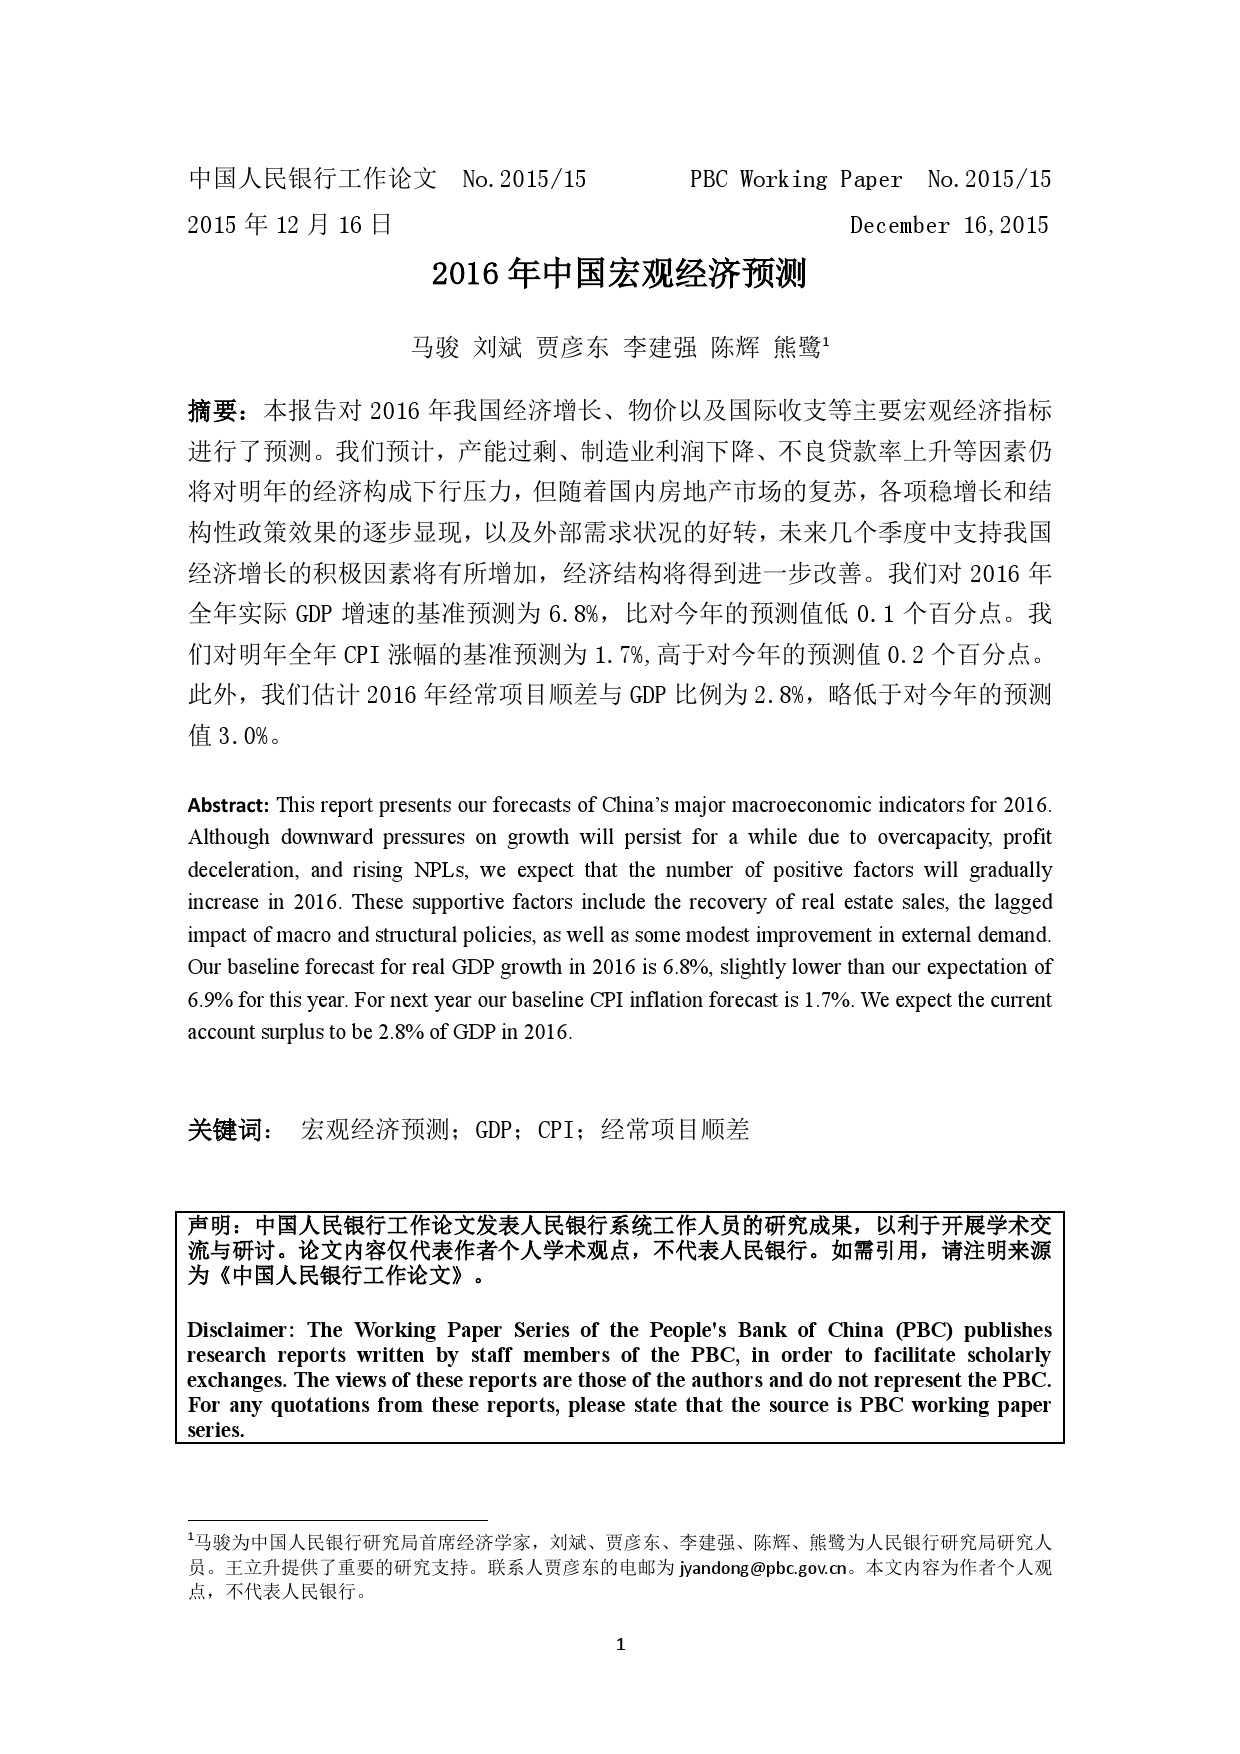 中国人民银行:2016 年中国宏观经济预测_000001